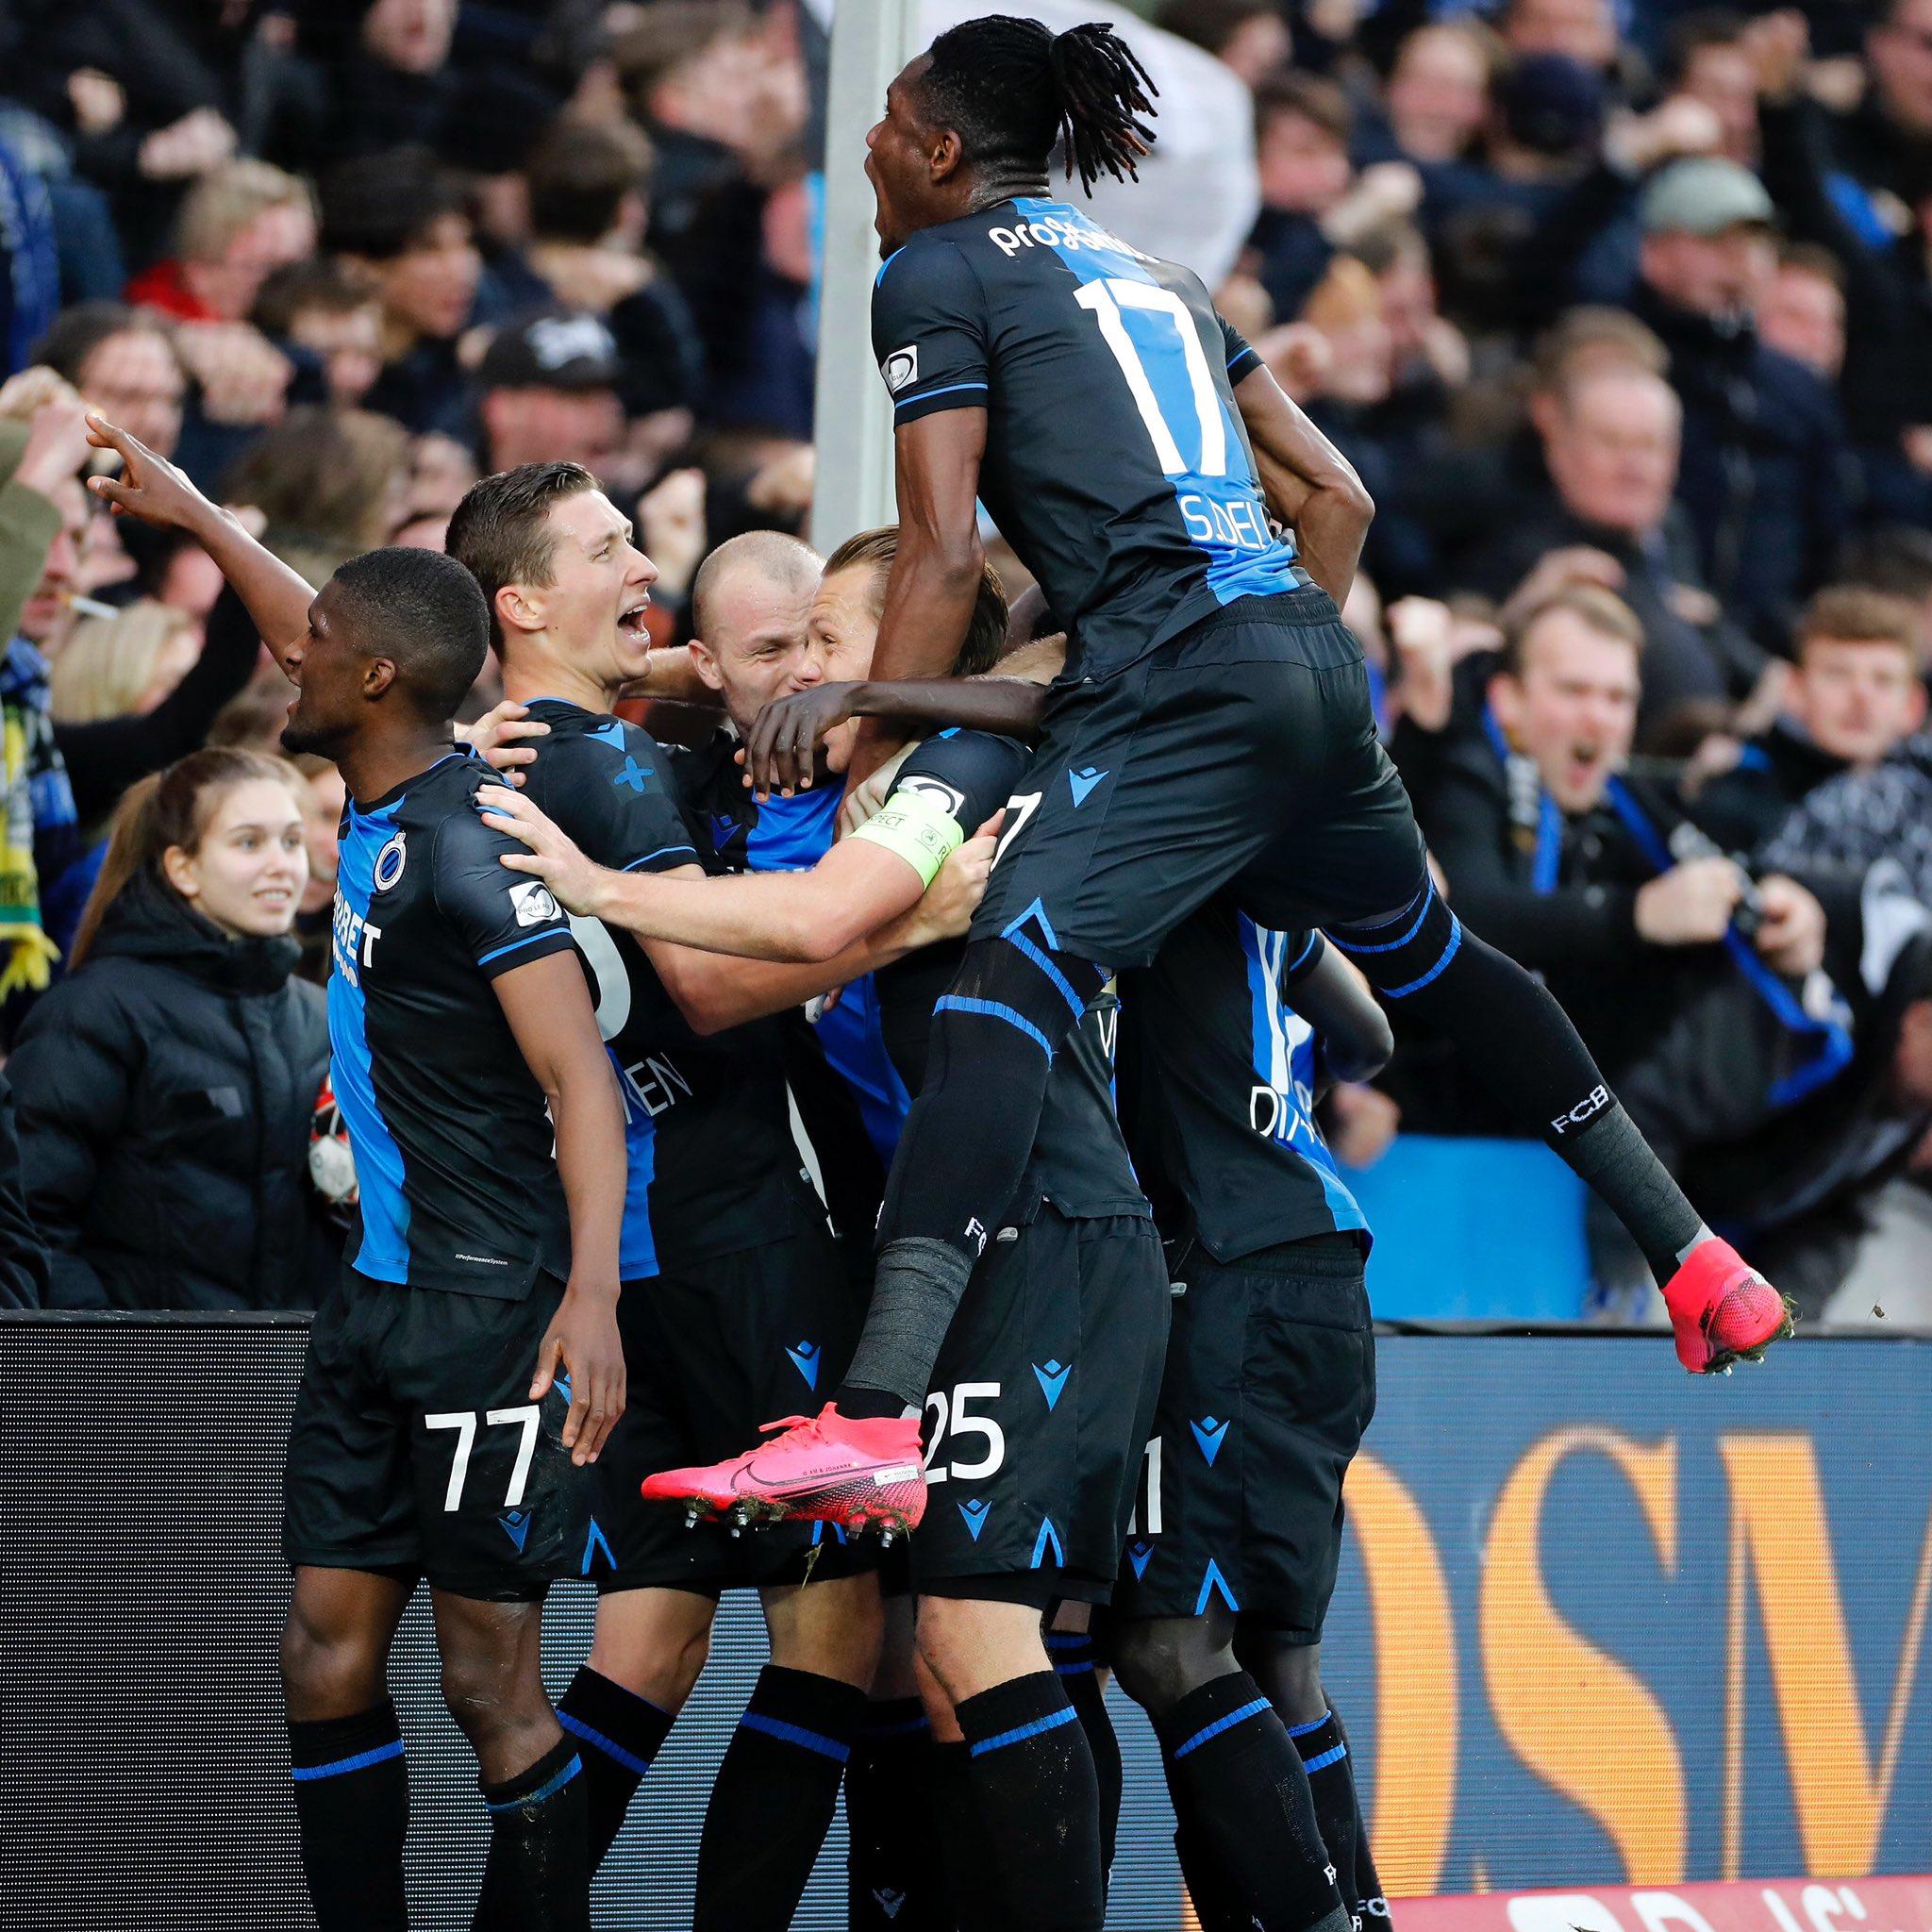 Campeonato Belga é cancelado: atual líder Brugge é declarado campeão